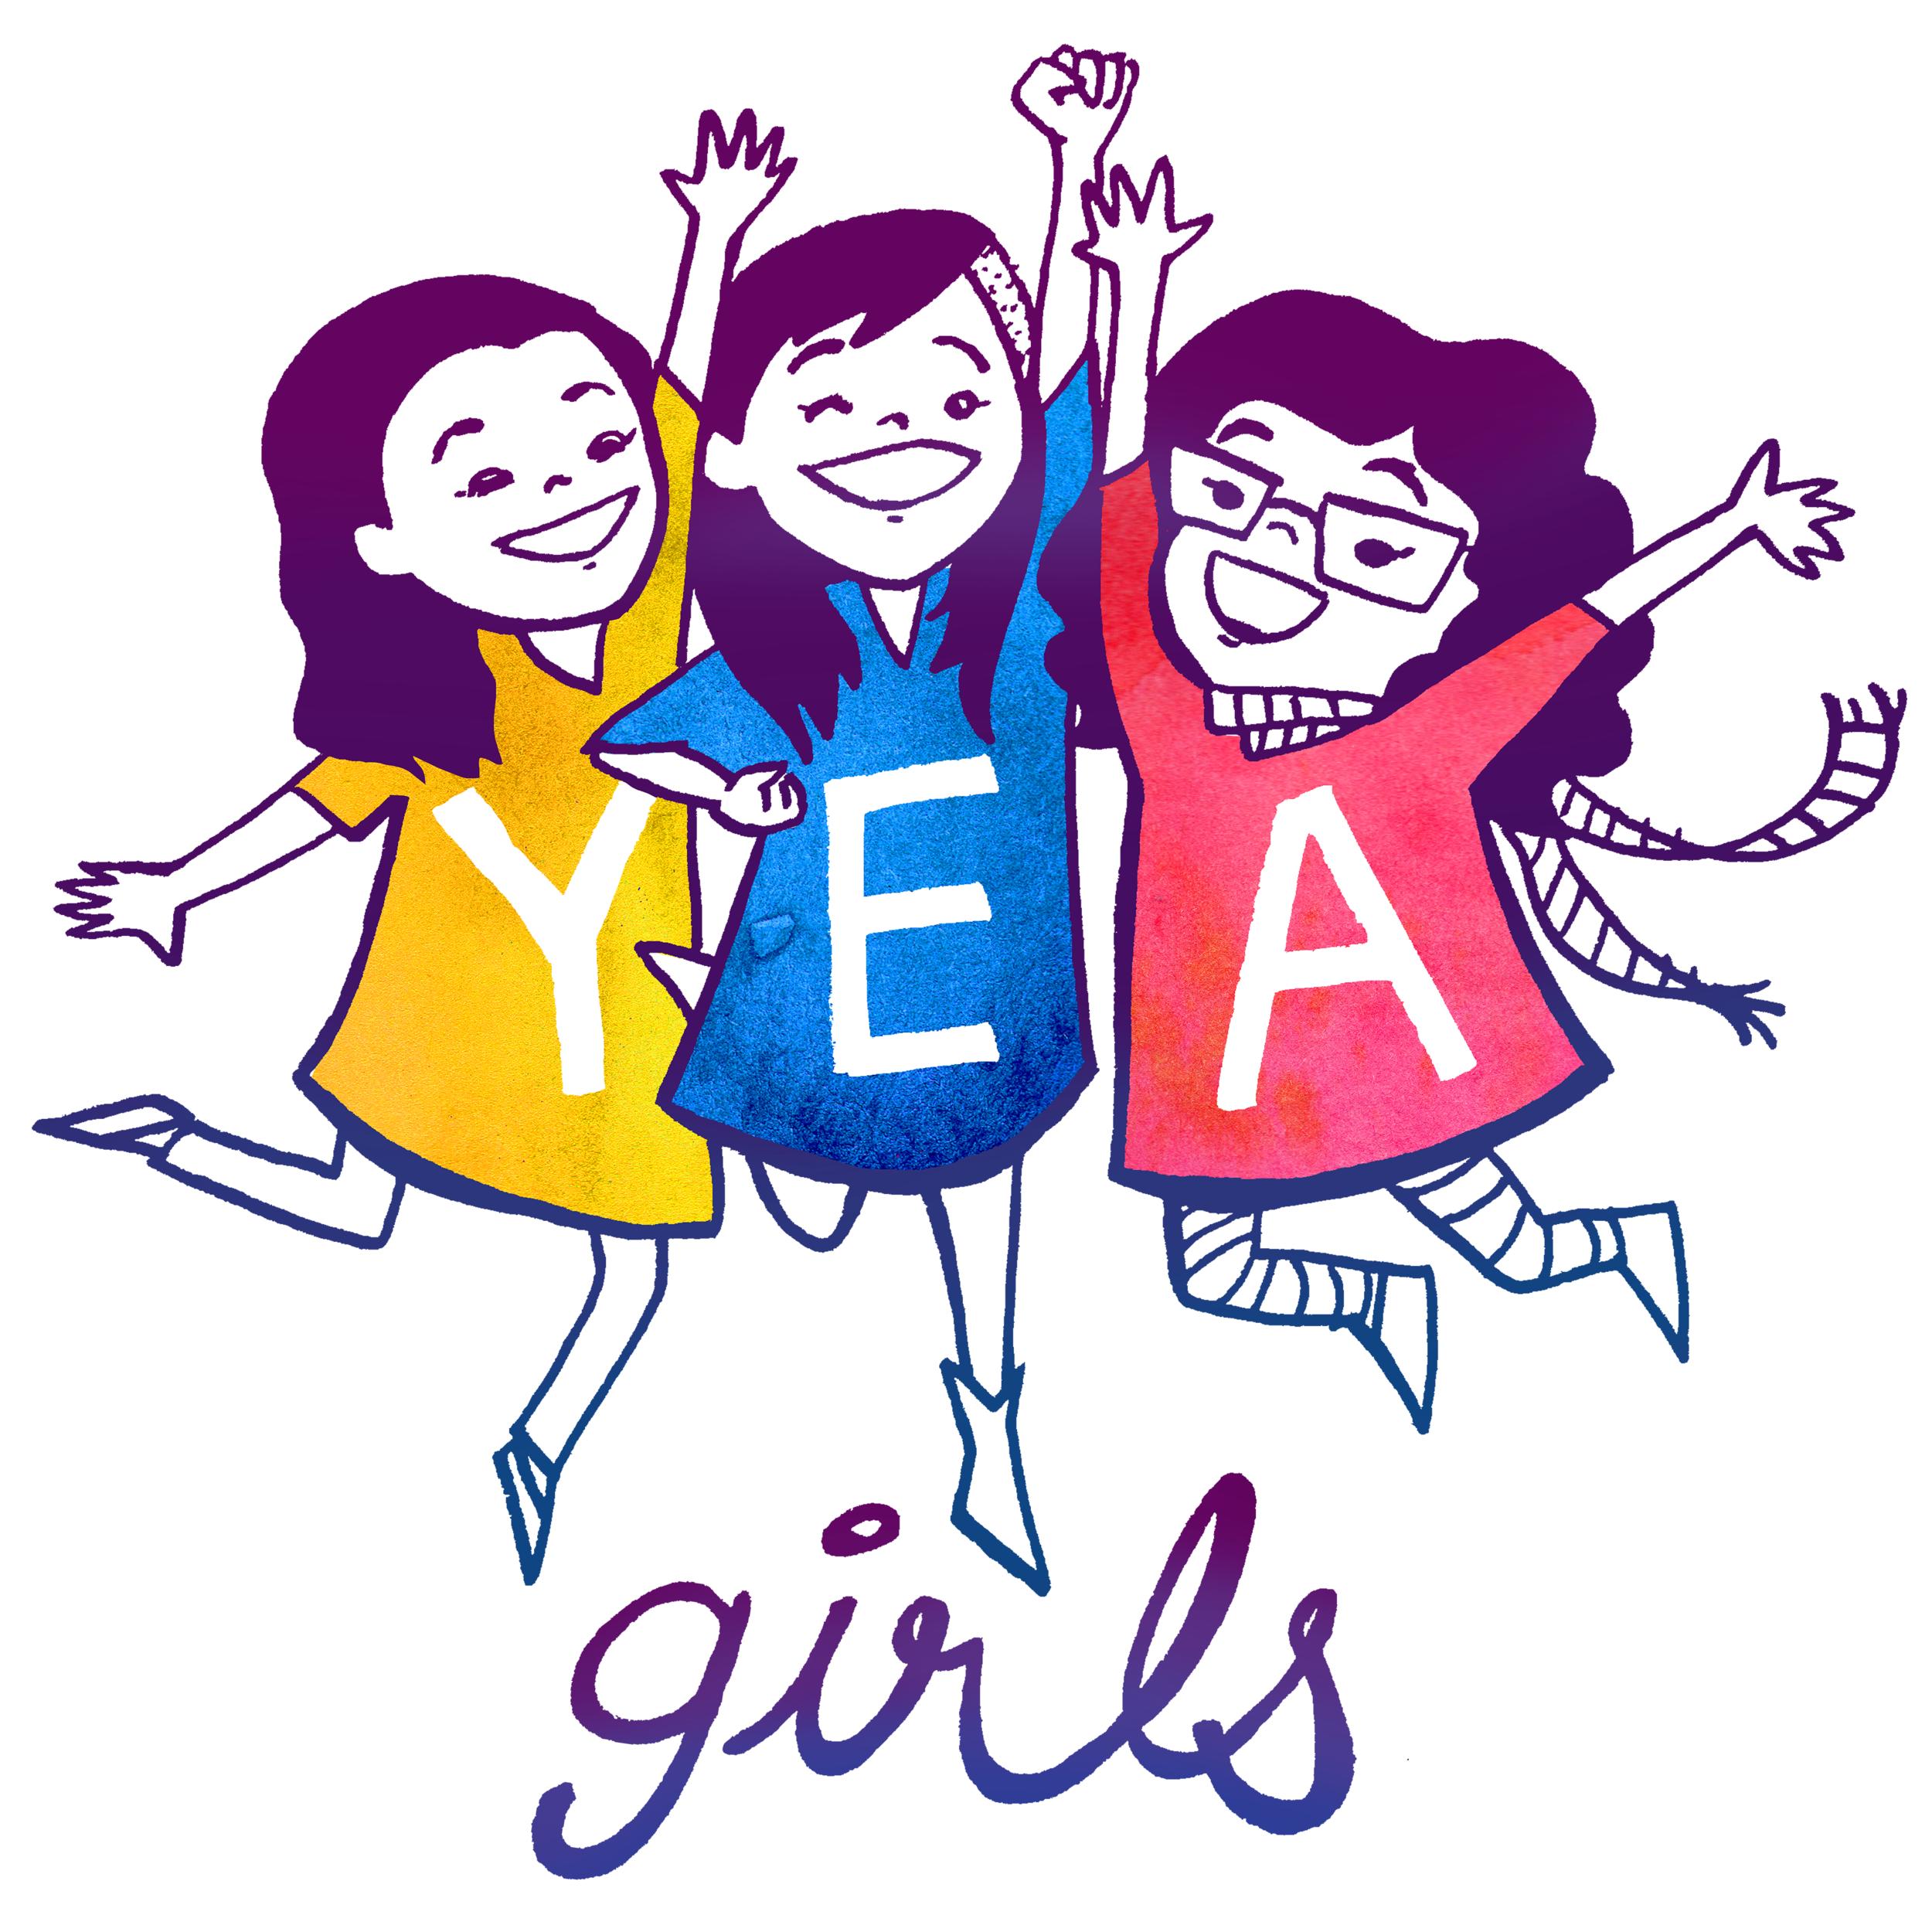 The YEA Girls